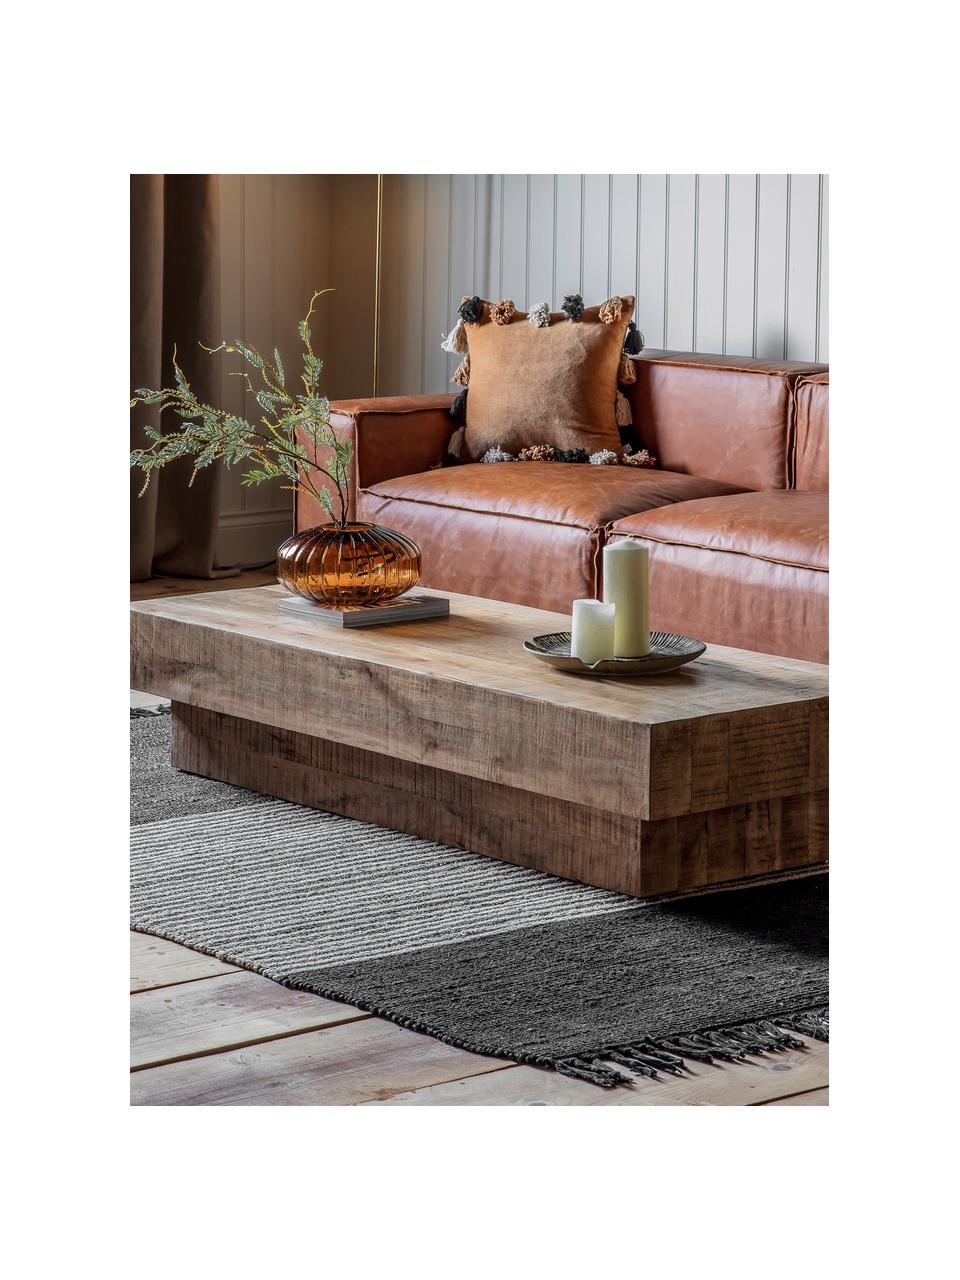 Tavolino da salotto in legno massiccio Iowa, Legno di mango laccato trasparente, Marrone, Larg. 150 x Alt. 30 cm